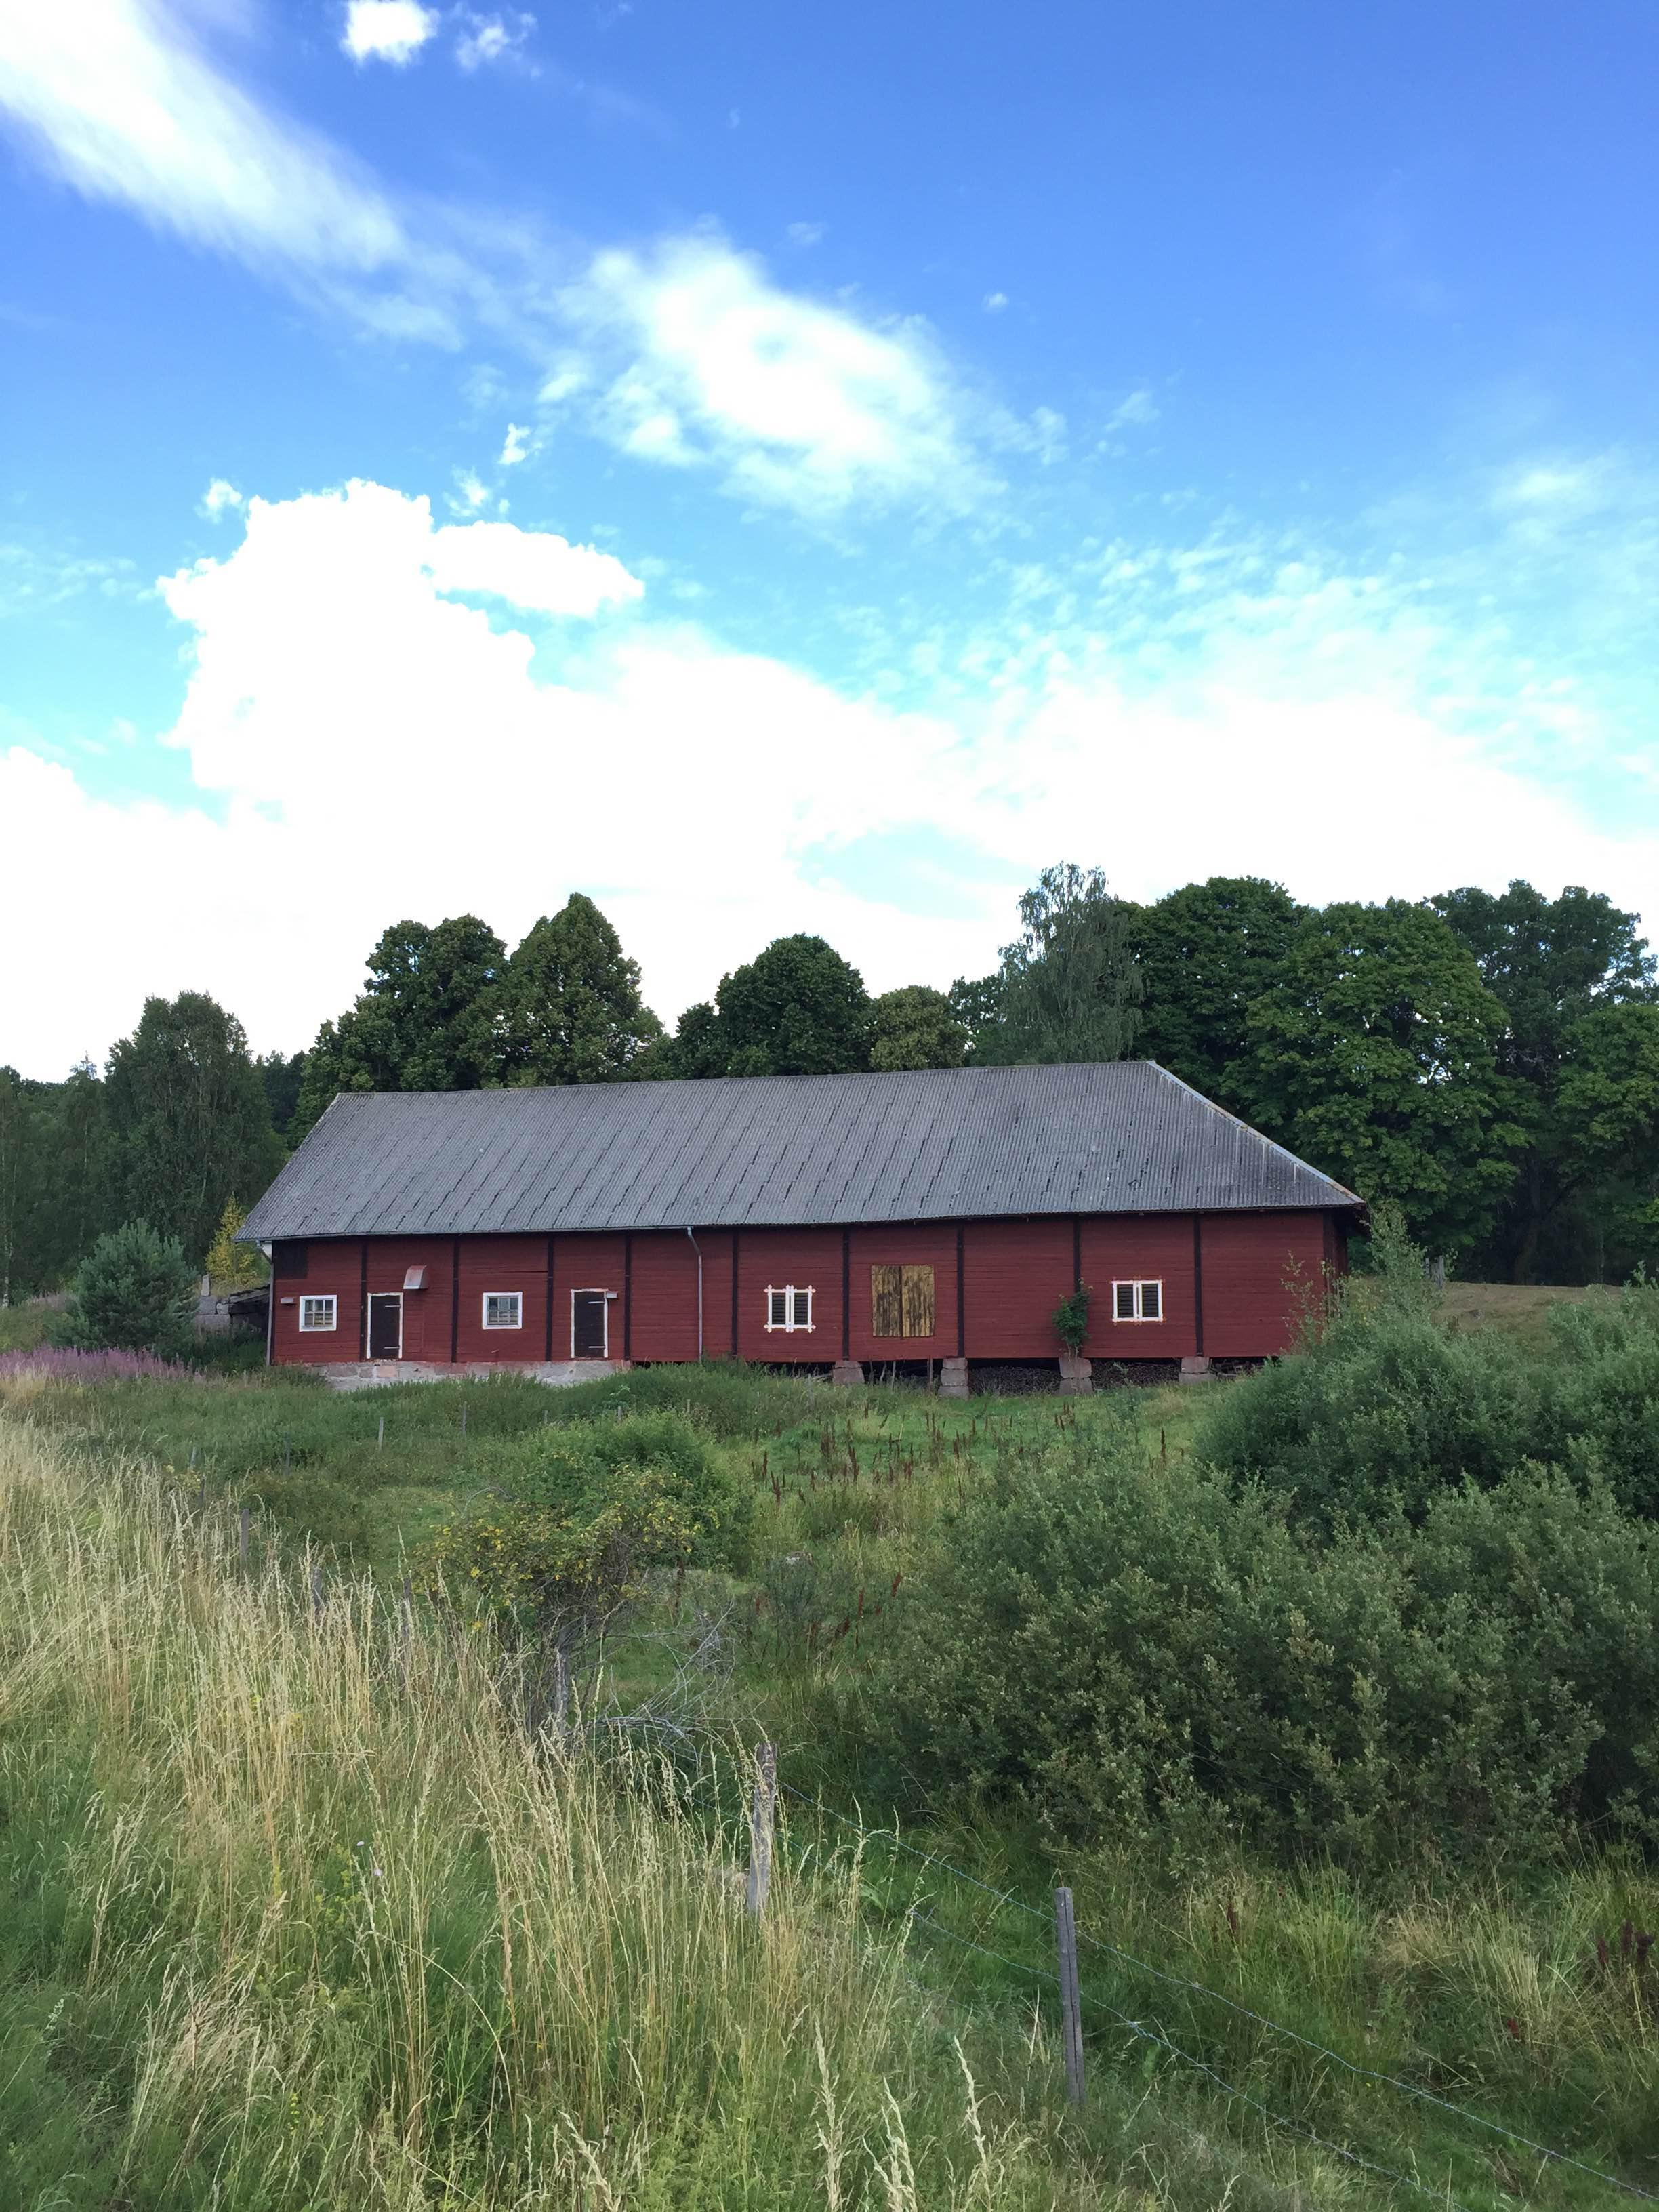 Loppis & Pop Up i Björndal 18/7 & 27/7 - Nu är det åter dags för loppis i Björndal! Nytt för i år är att vi även har en liten Pop Up. FB Ceramics är på plats på torsdagen (18/7) och säljer sina underbara keramikalster. Både torsdagen (18/7) och lördagen (27/7) finns Fru Vintage´s 11-kaffe att inhandla och Karolina Germundsson ställer ut och säljer sin fotokonst.Varmt välkommen torsdagen den 18/7 kl: 15:00-18:00 och lördagen den 27/7 kl: 11:00-14:00!